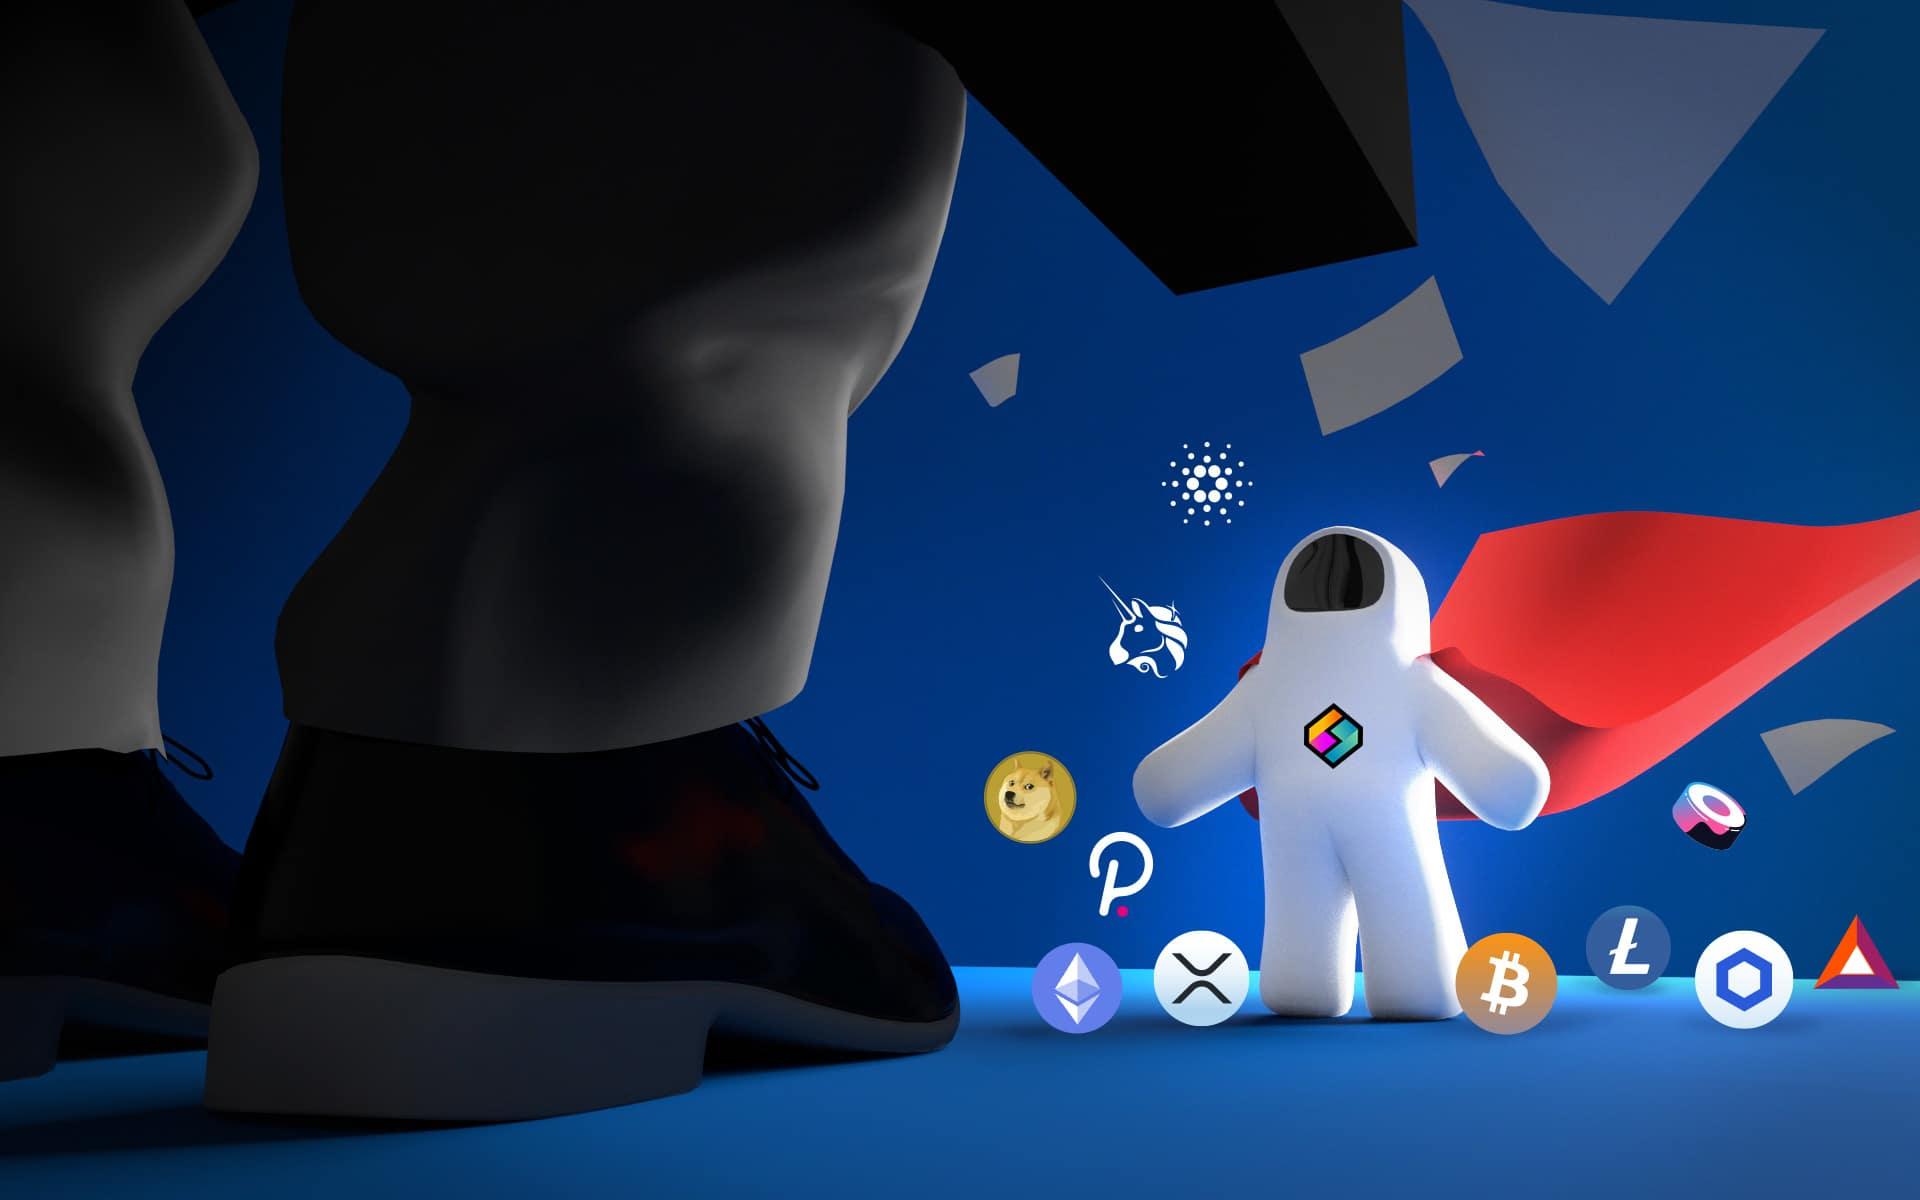 Con Bitcoin en sobrecompra sigue la altseason con fuerza: Ethereum, Litecoin, Eos,..